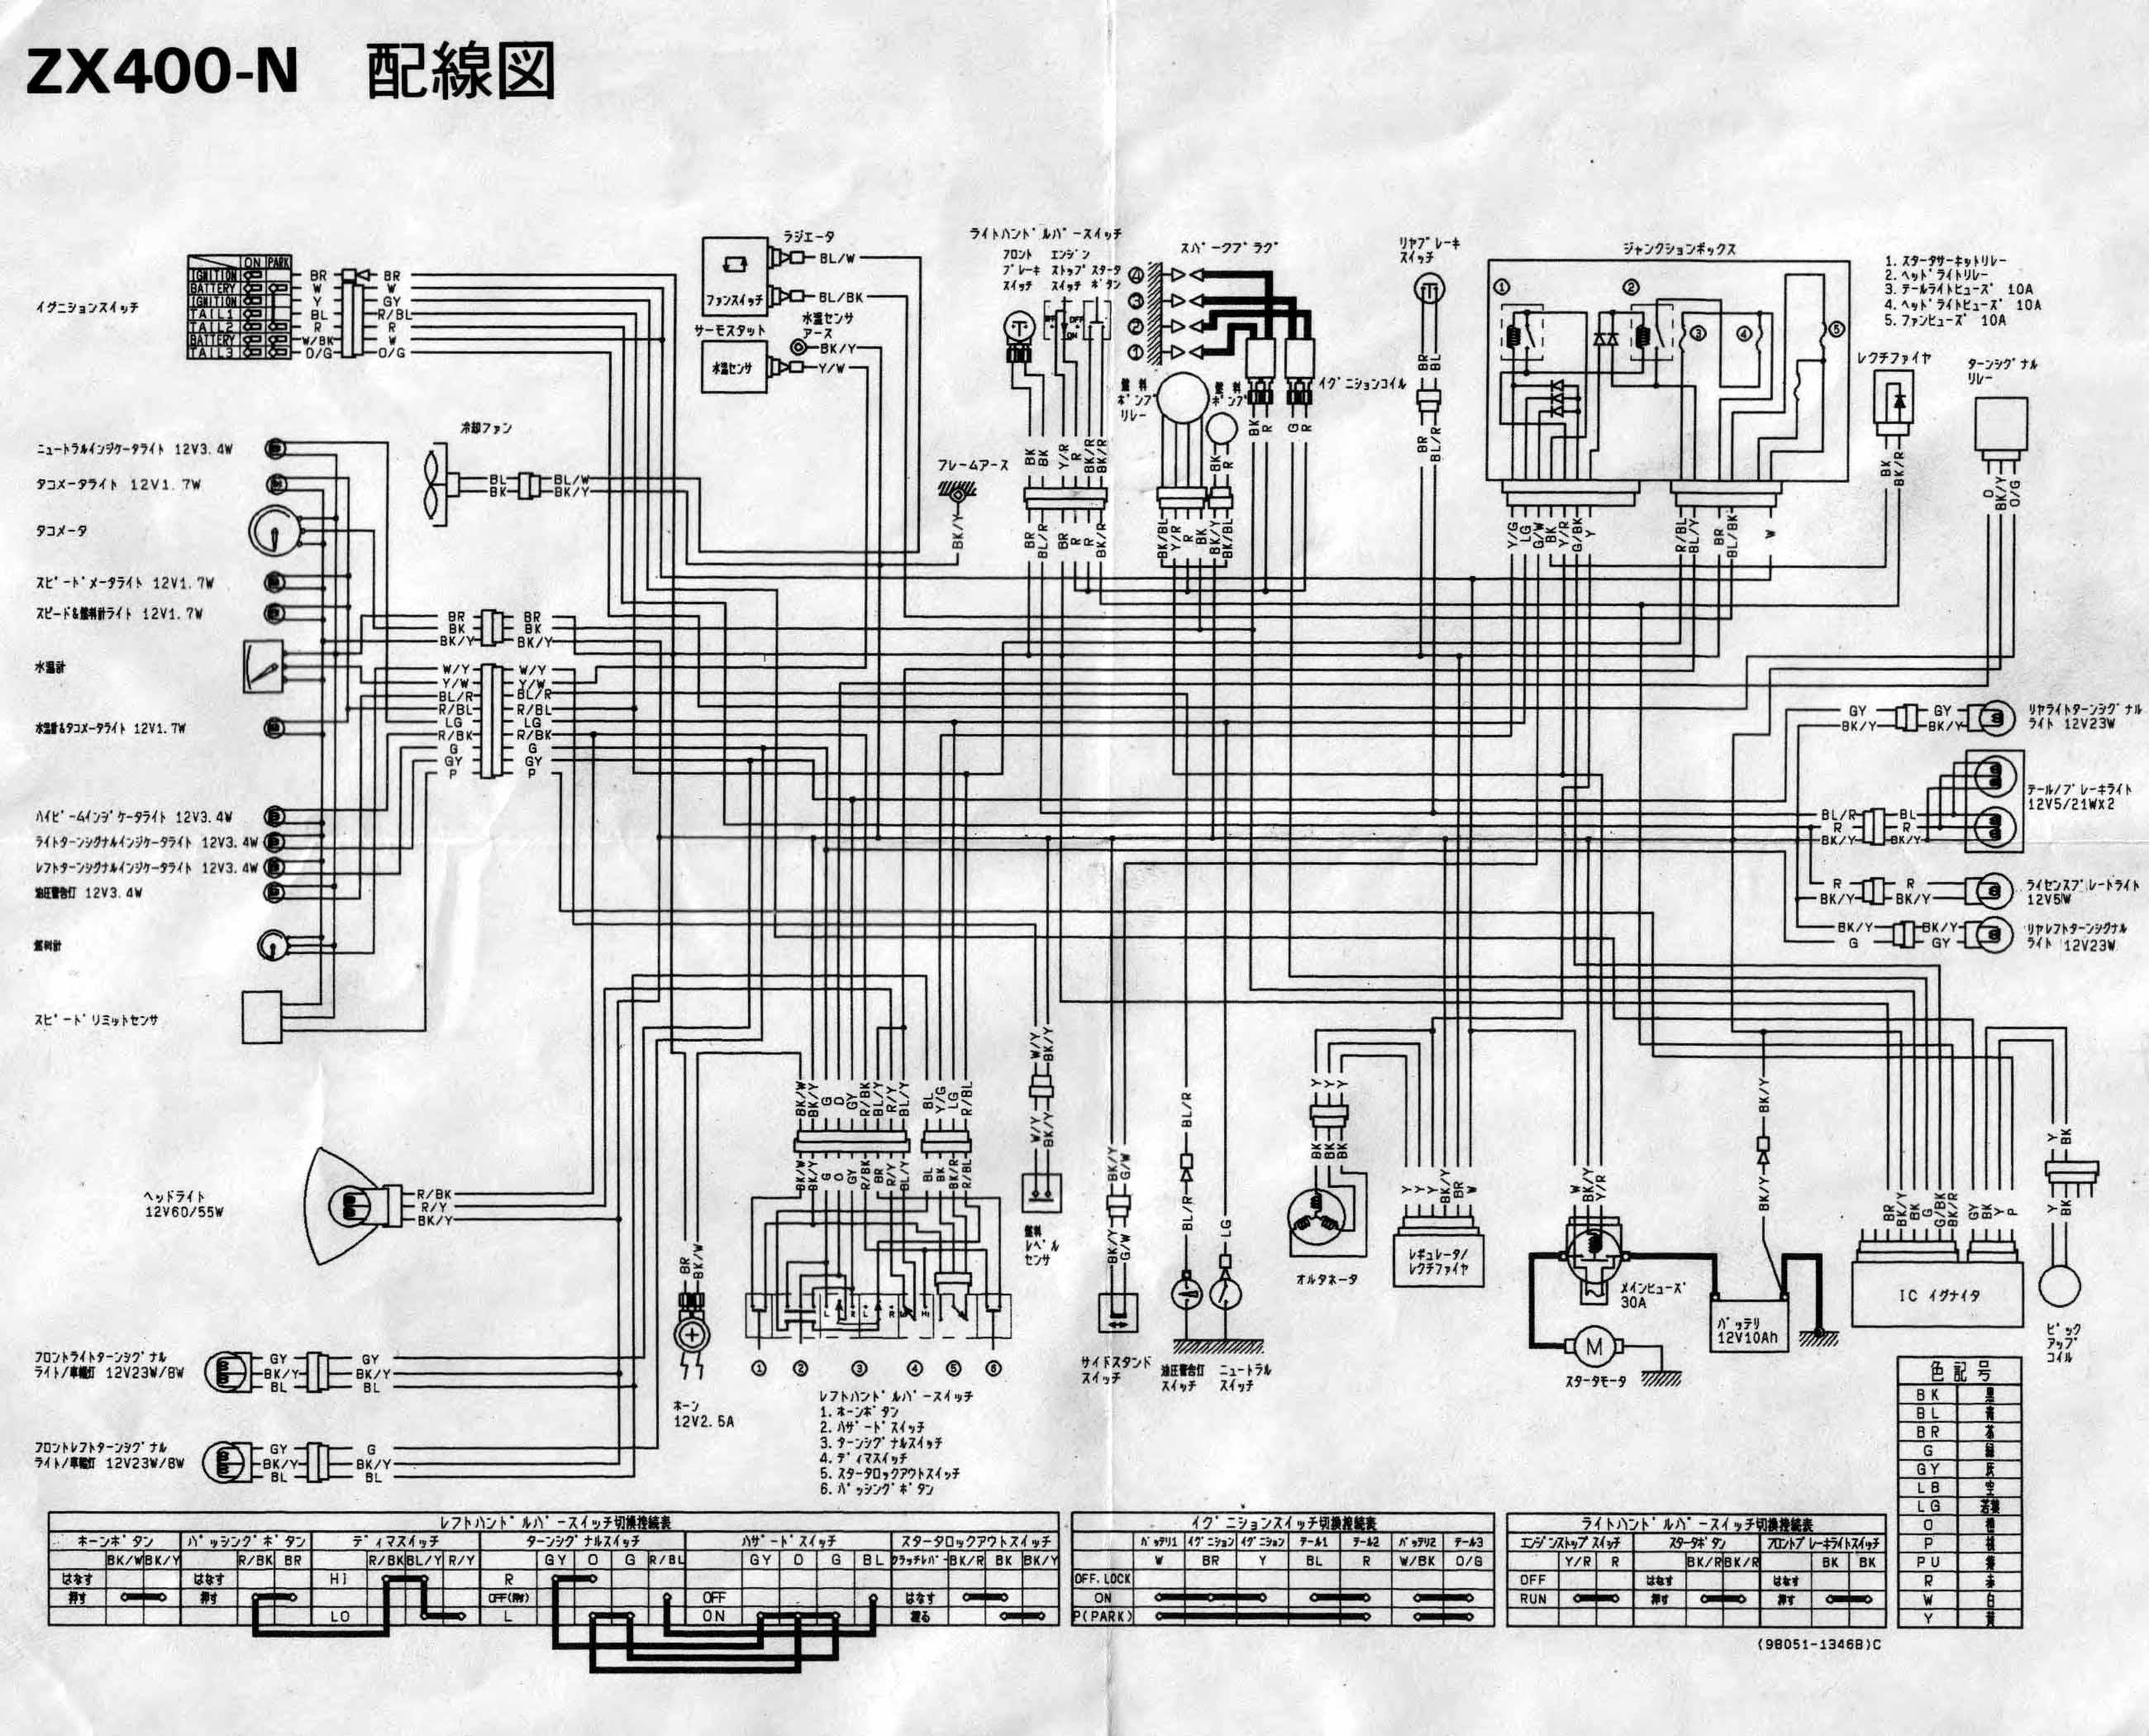 KAWASAKI - Motorcycles Manual PDF, Wiring Diagram & Fault Codes   Speedo Wiring Diagram 2006 Zzr600      MOTORCYCLE Manuals PDF & Wiring Diagrams